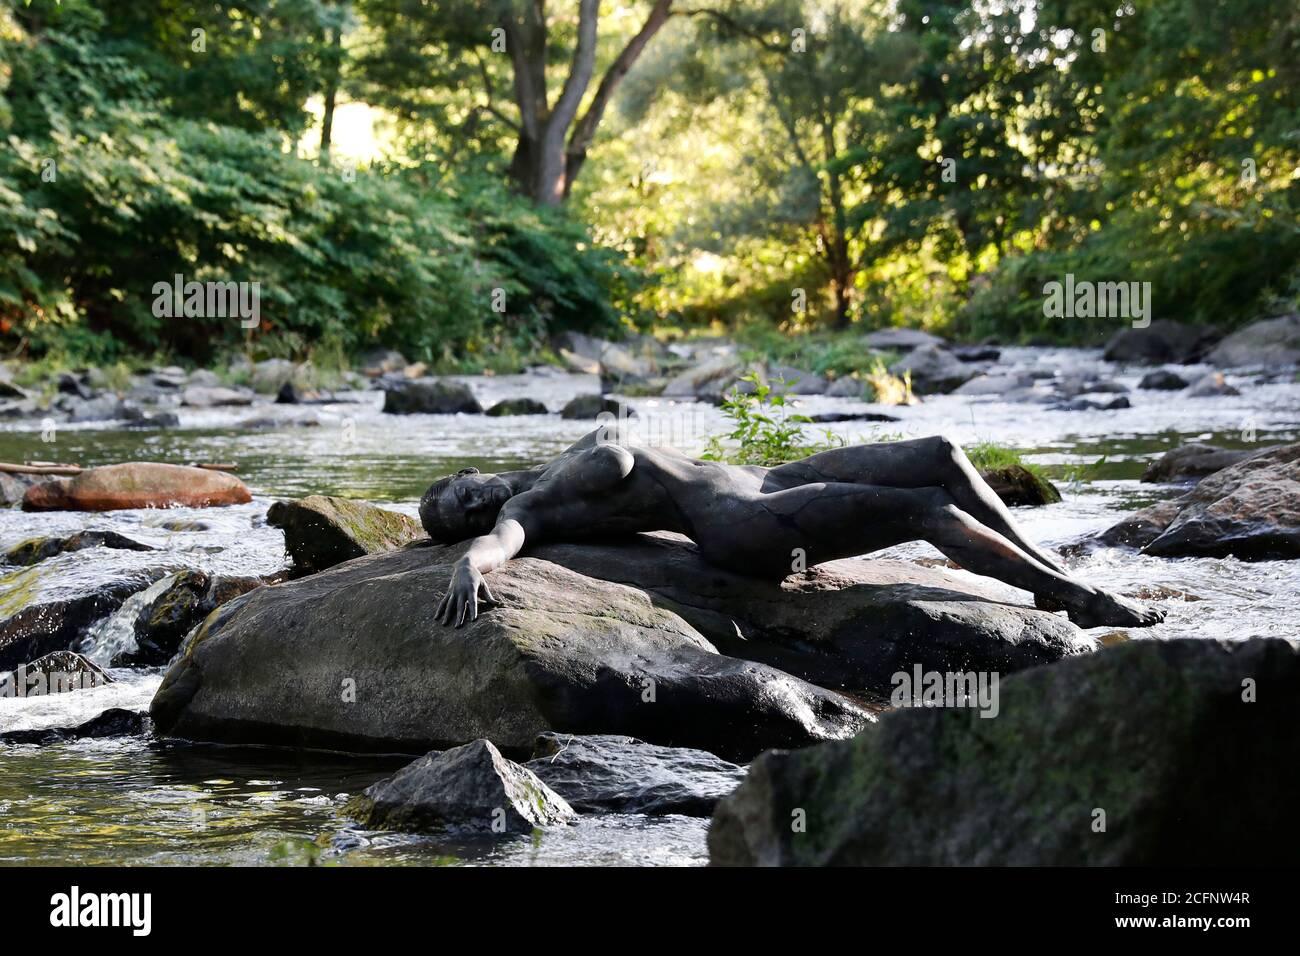 Nature Art: Pierre dans la rivière bodypainting et photoshooting avec le modèle Daniela sur une pierre dans la rivière Chemnitz à Schweizerthal le 6 septembre 2020 - Bodypainting artiste: Joerg Duesterwald Banque D'Images